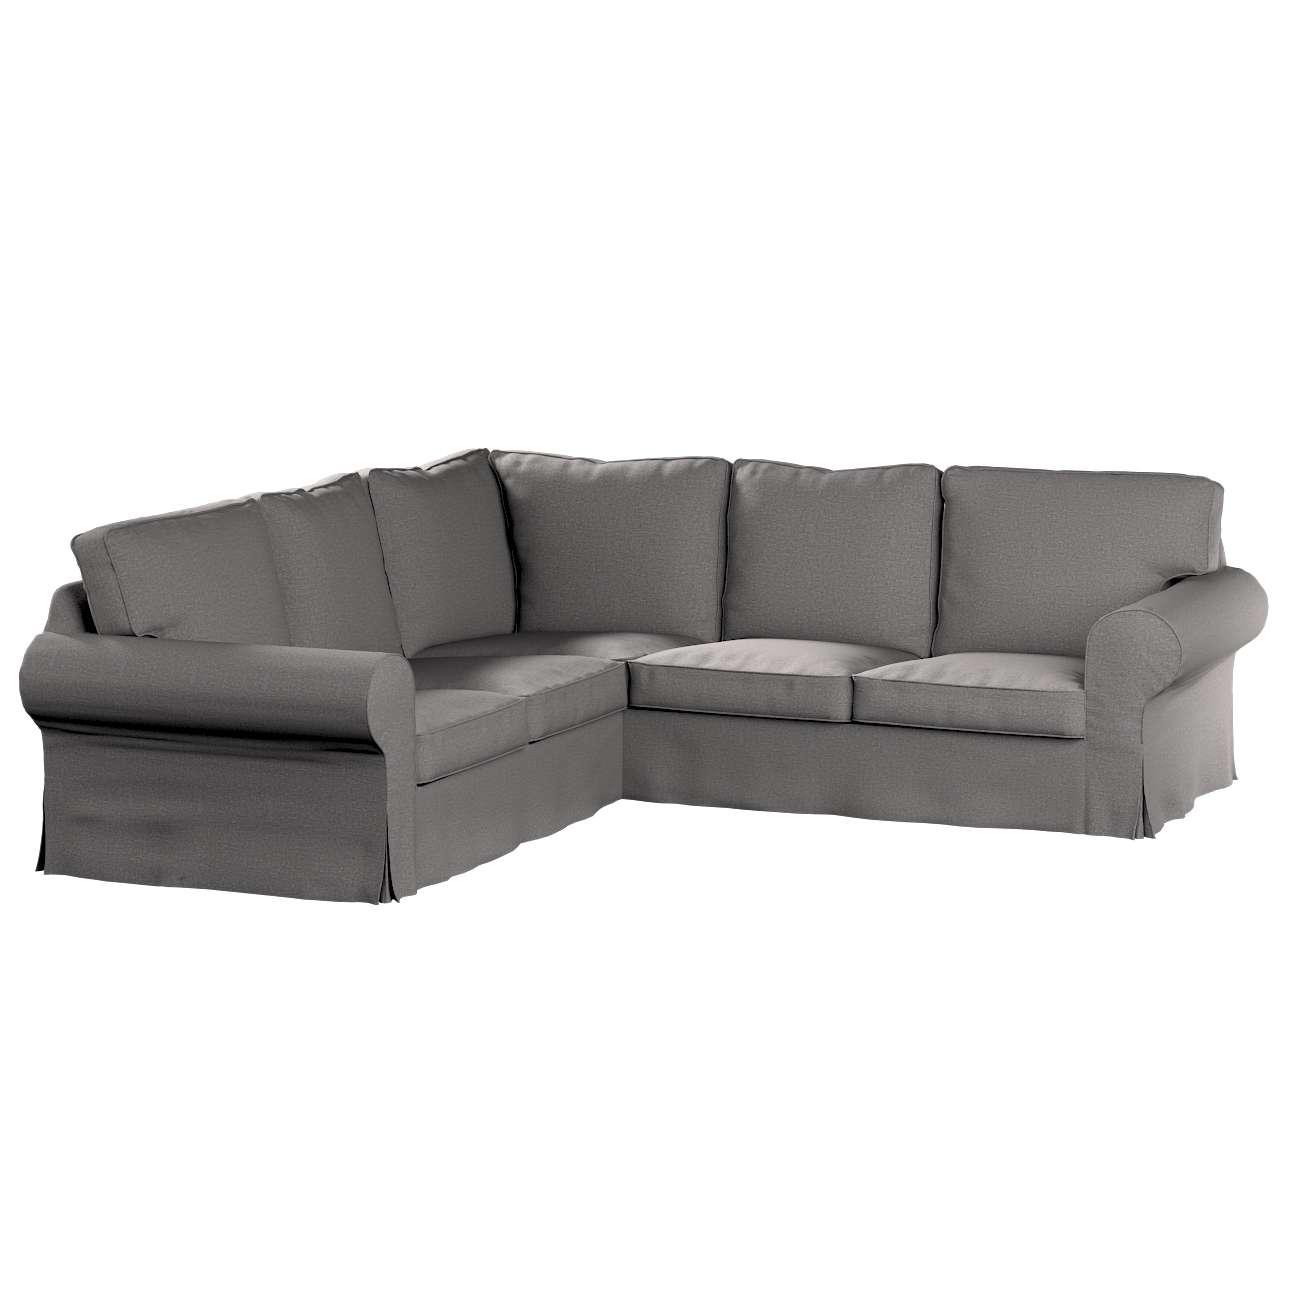 Pokrowiec Ektorp na sofę w kolekcji Edinburgh, tkanina: 115-81